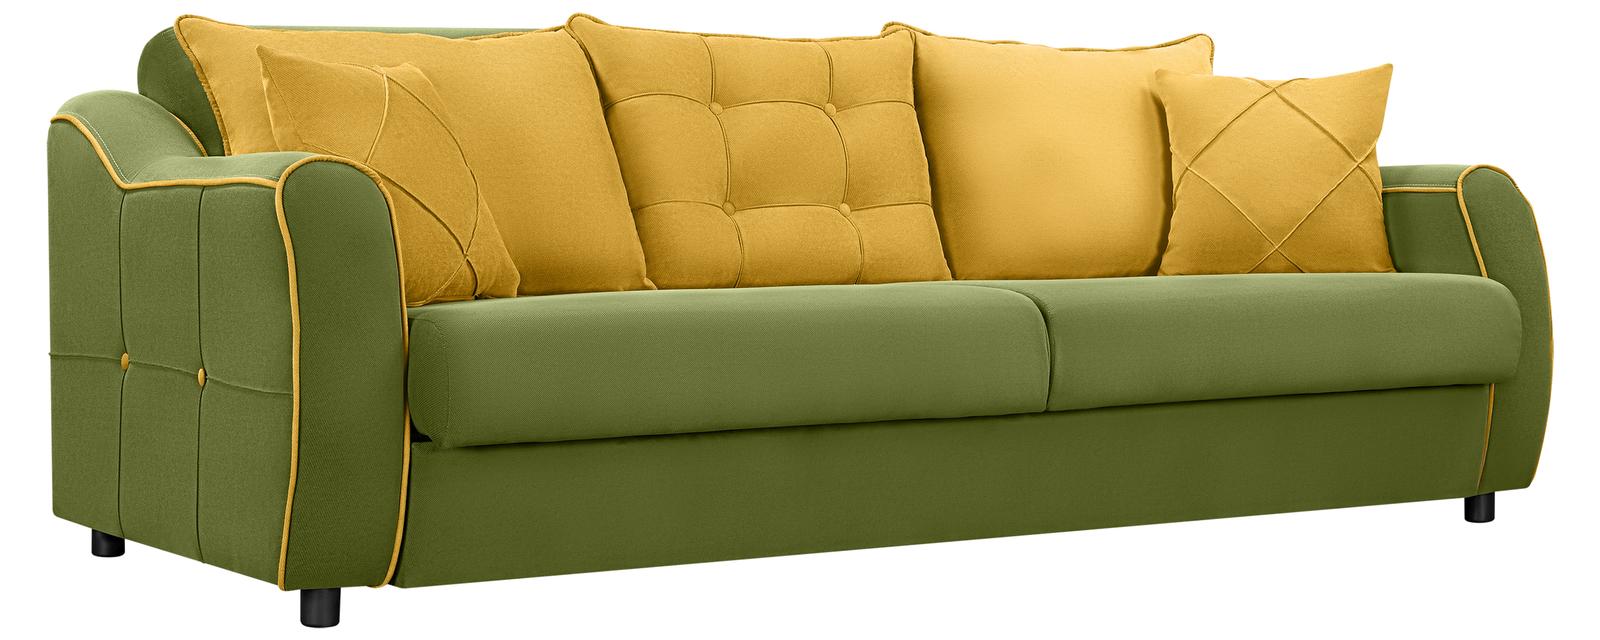 Диван тканевый прямой Флэтфорд Elegance зеленый/желтый (Микровелюр)